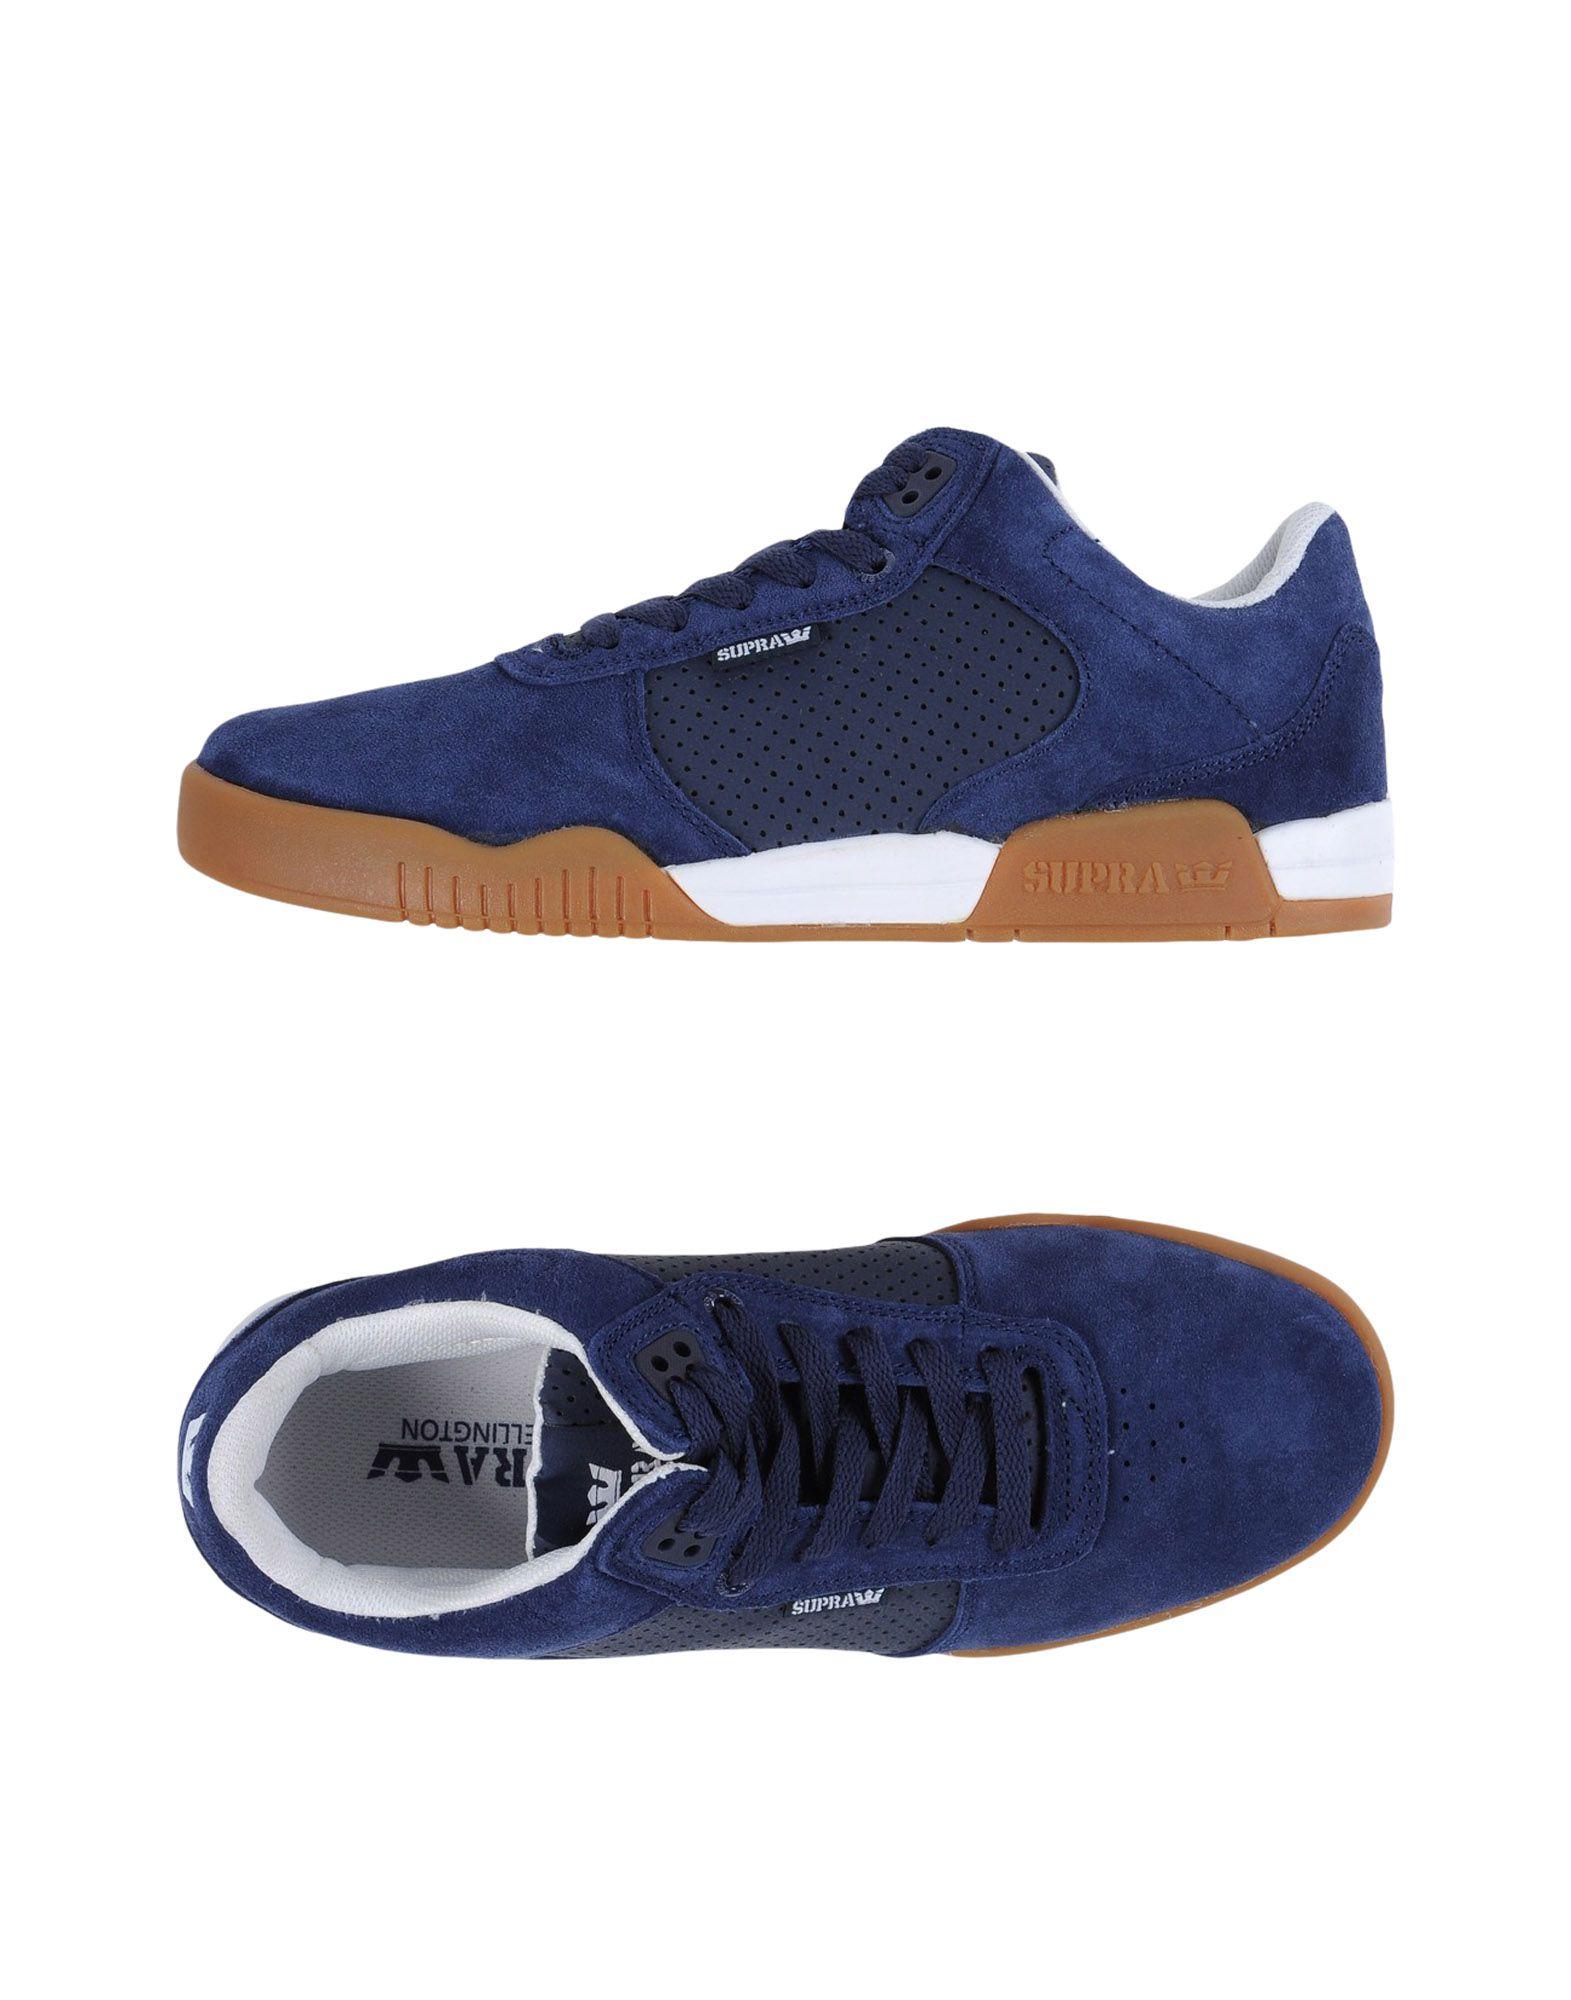 Rabatt Schuhe echte Schuhe Rabatt Supra Sneakers Herren  11341705UH 378a22